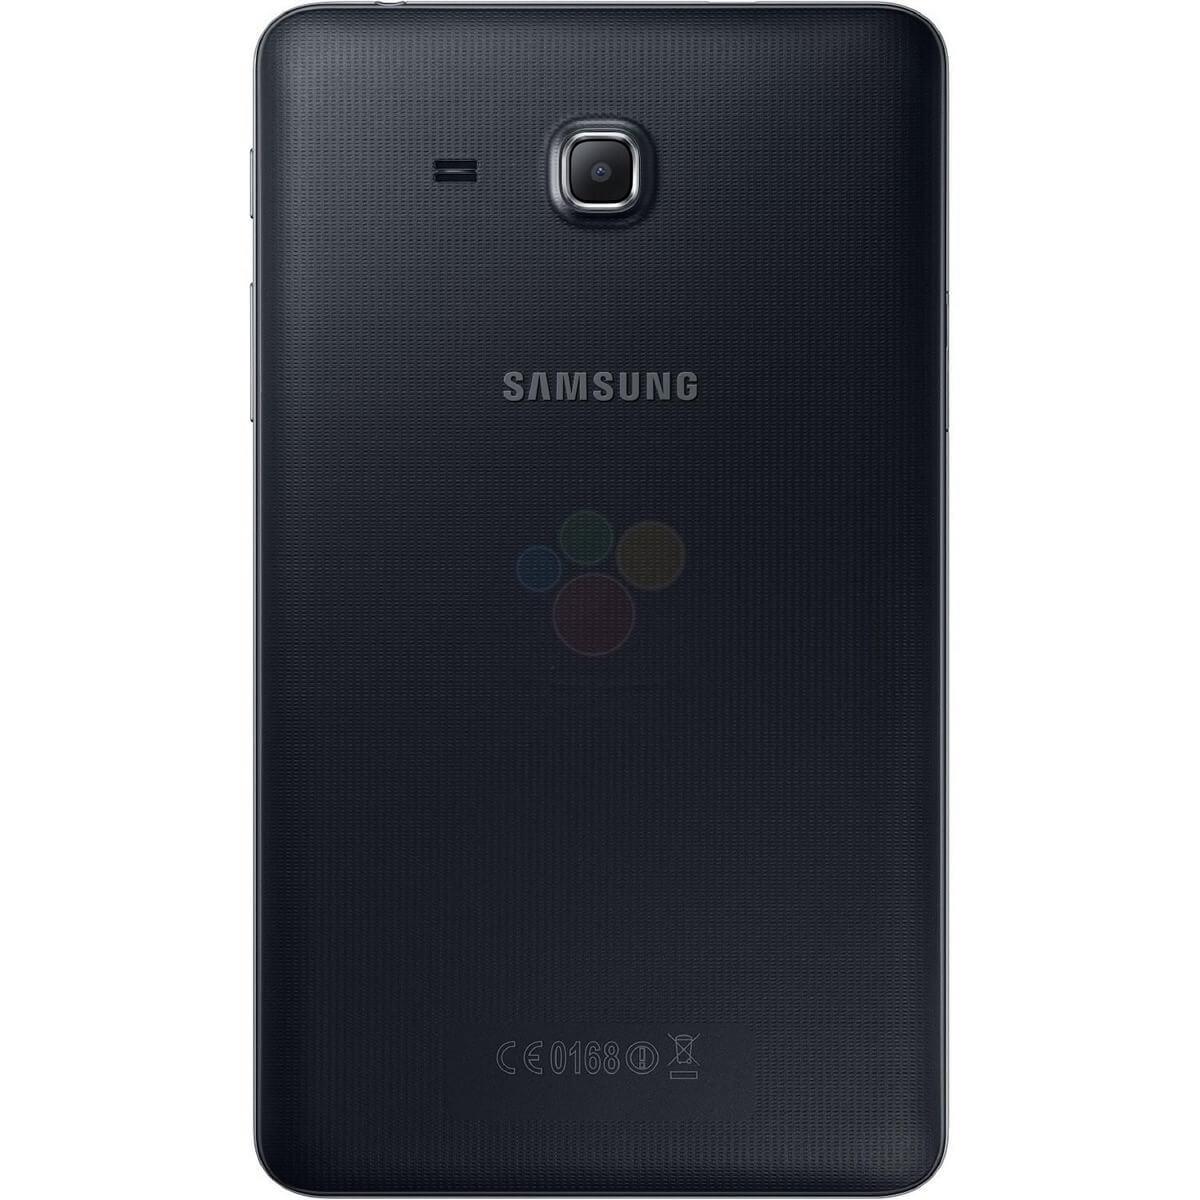 Samsung Galaxy Tab A 7.0 retro